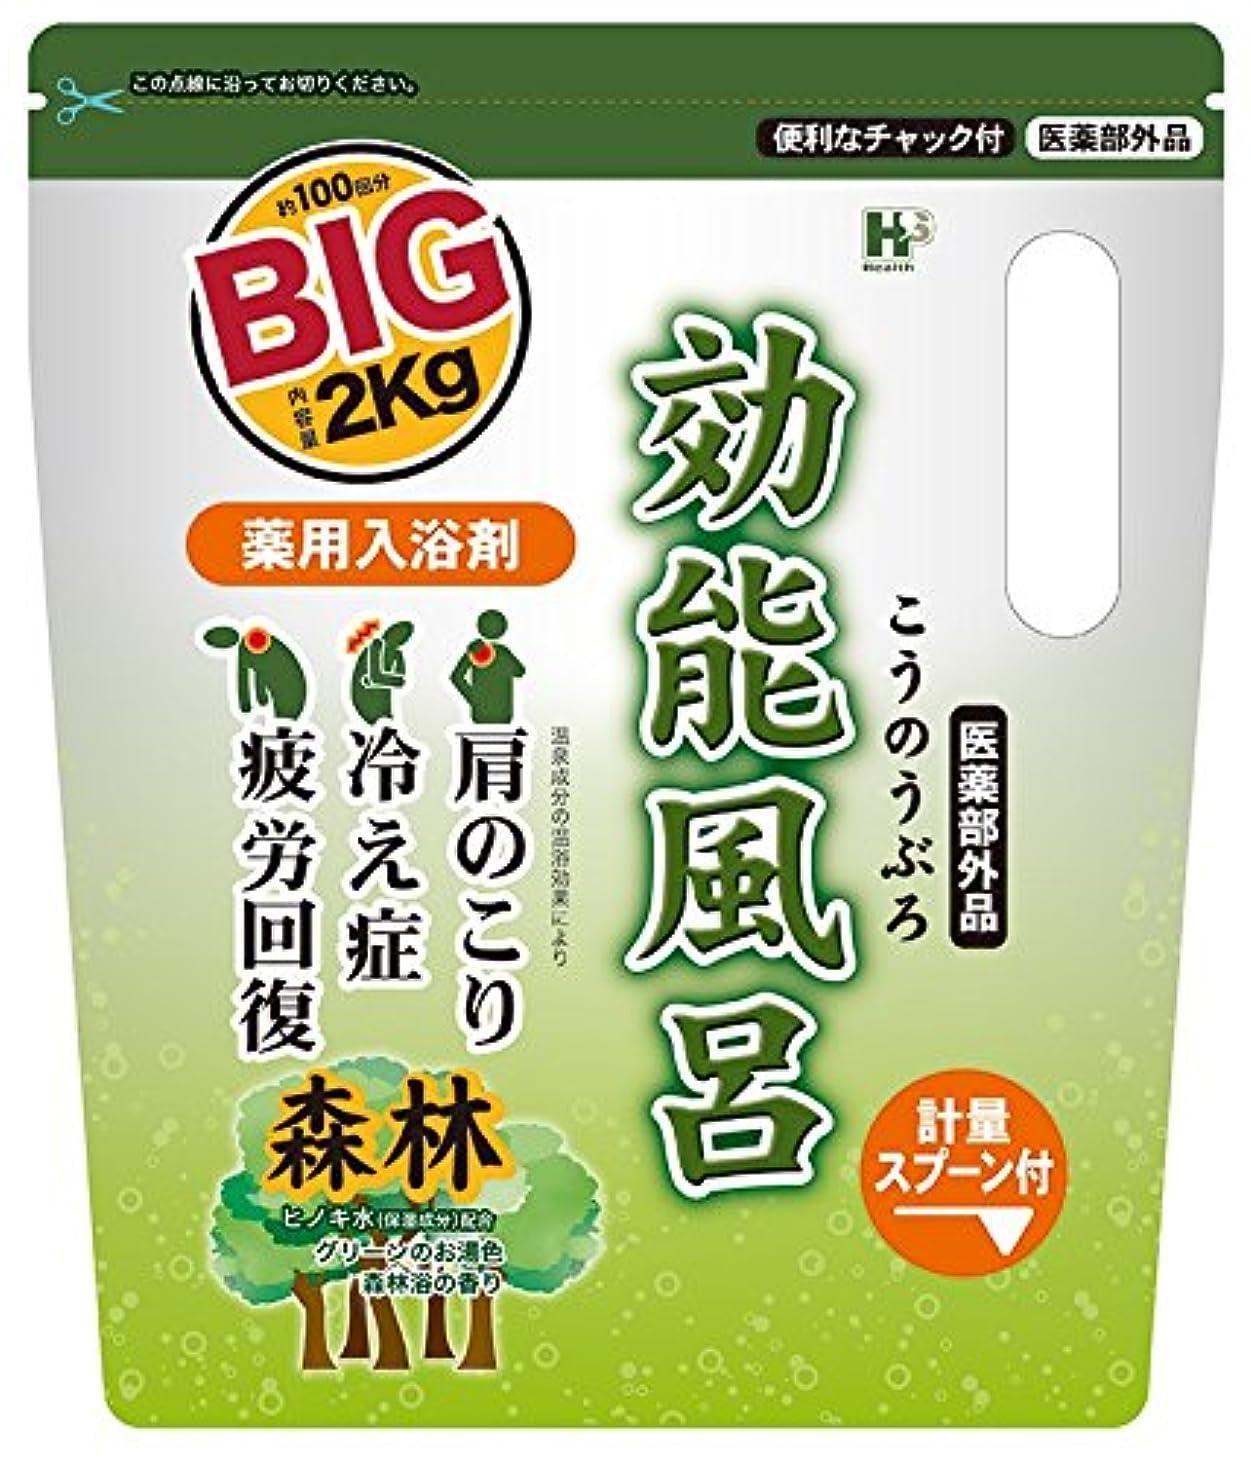 剪断関係する指標薬用入浴剤 効能風呂 森林の香り BIGサイズ 2kg [医薬部外品]